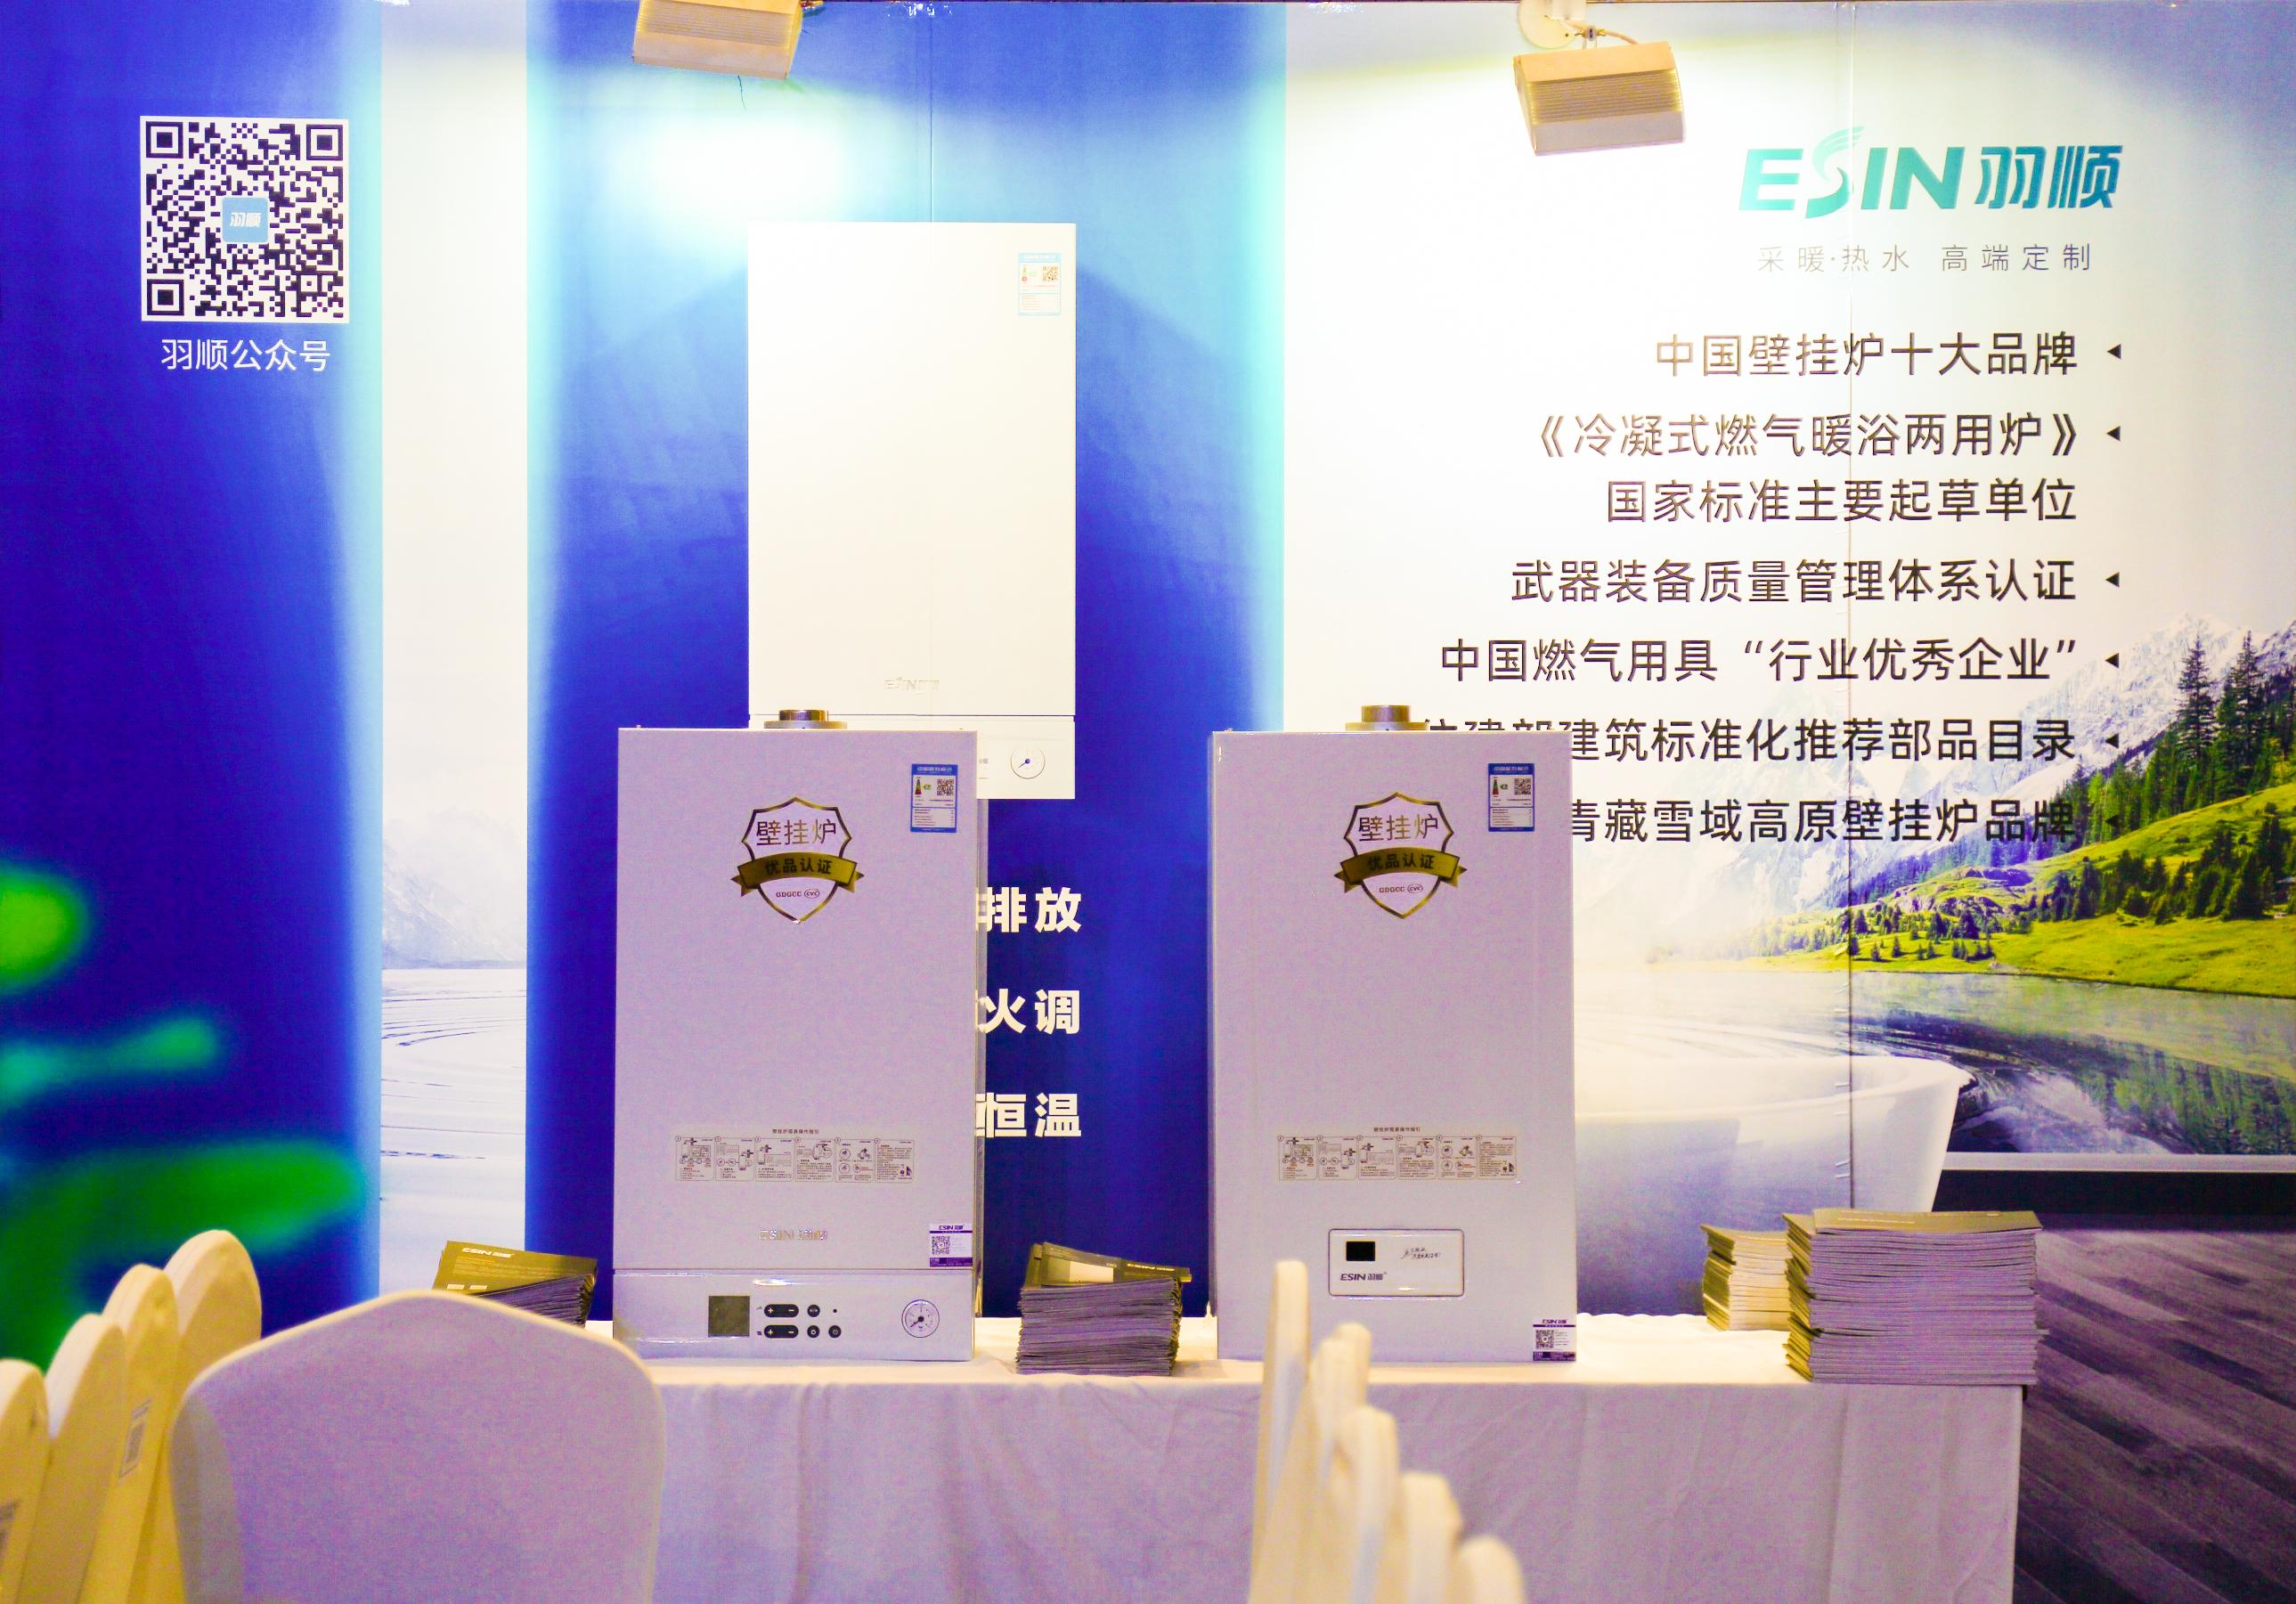 中国质造,我骄傲|羽顺获首批《燃气采暖热水炉优品认证》